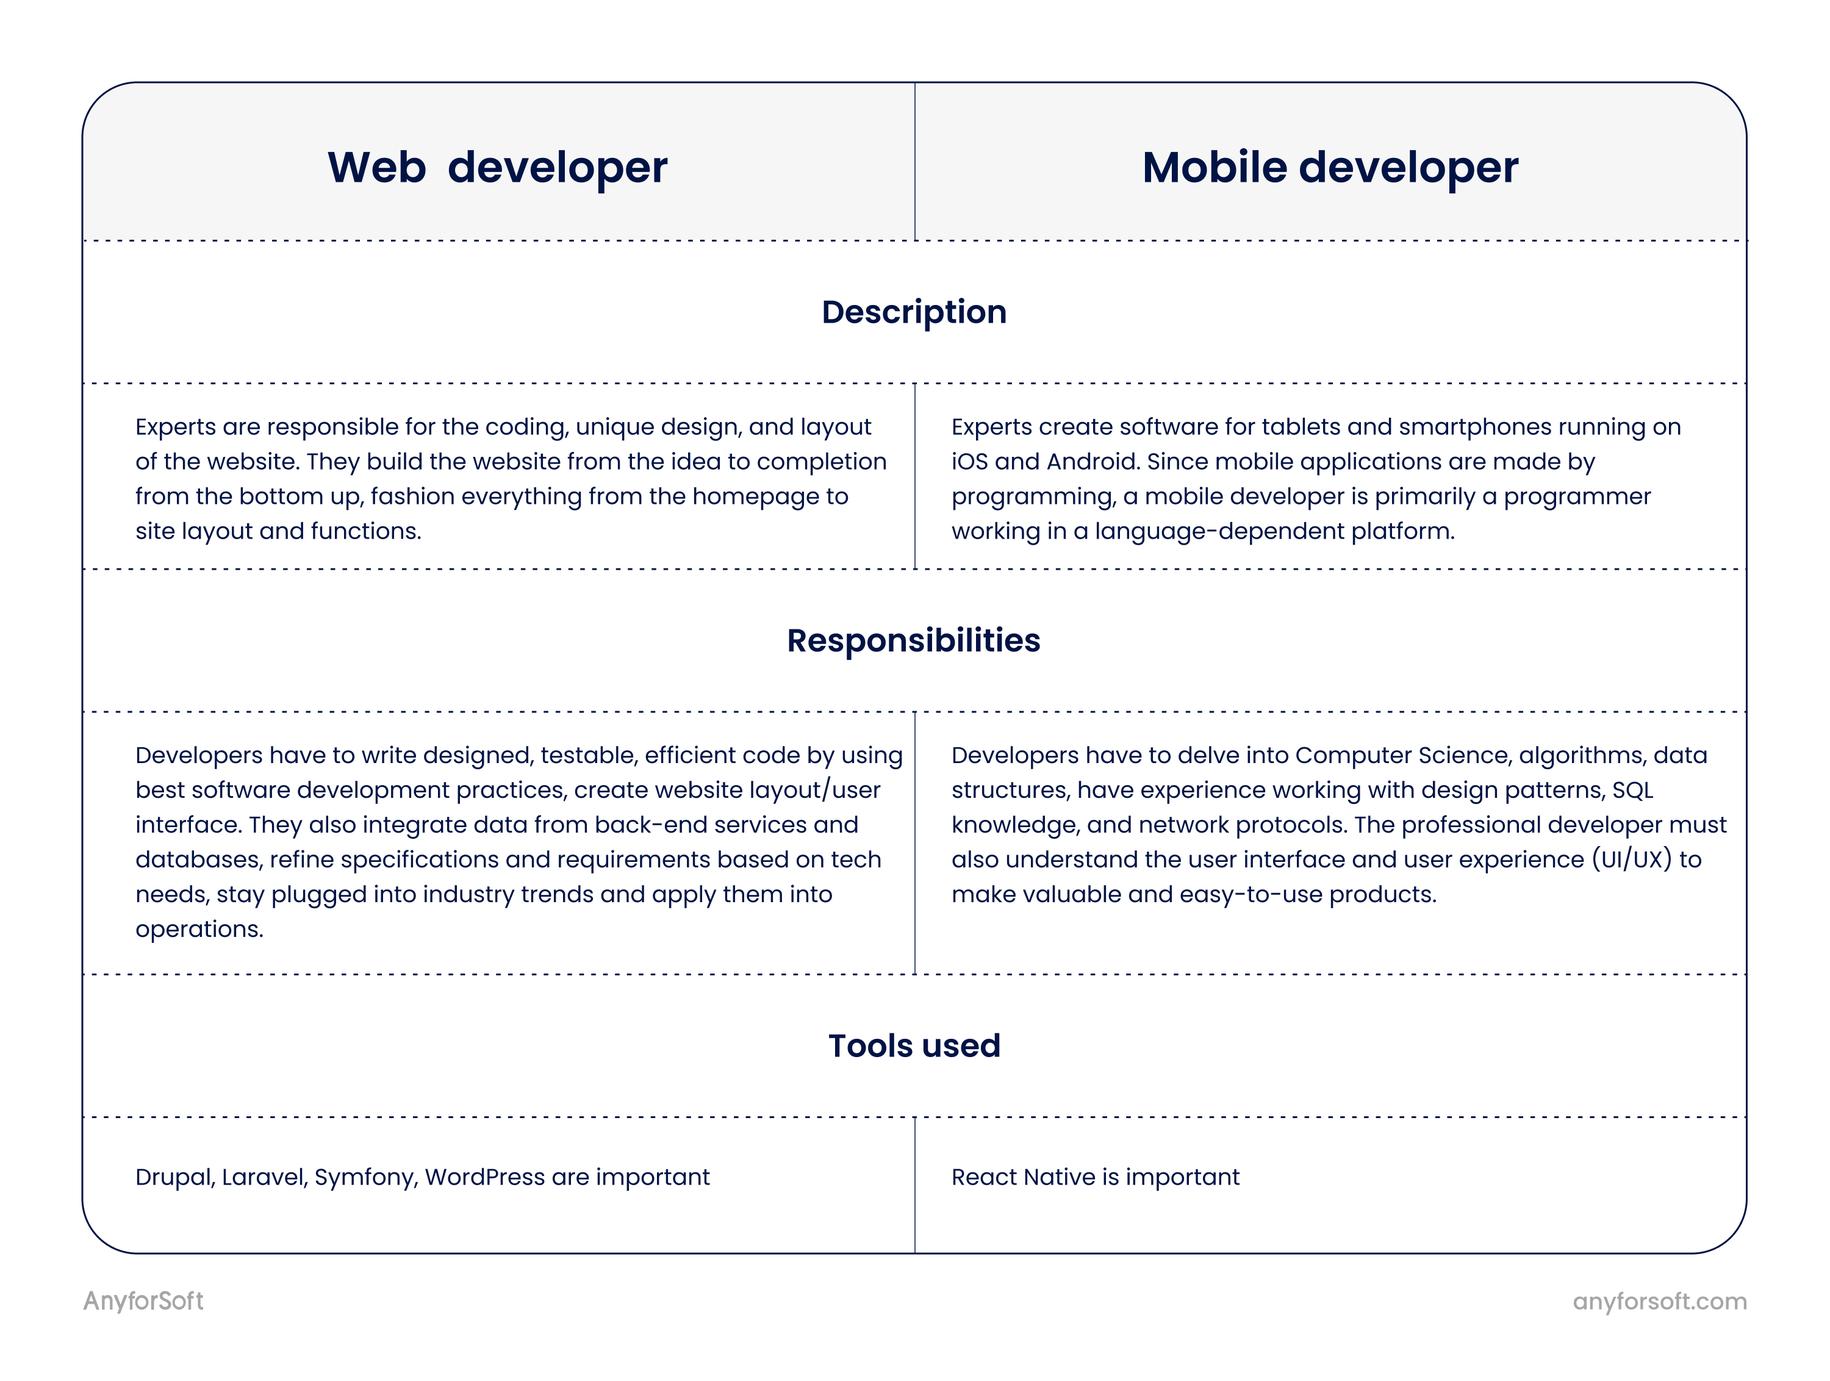 web developer vs mobile developer jobs